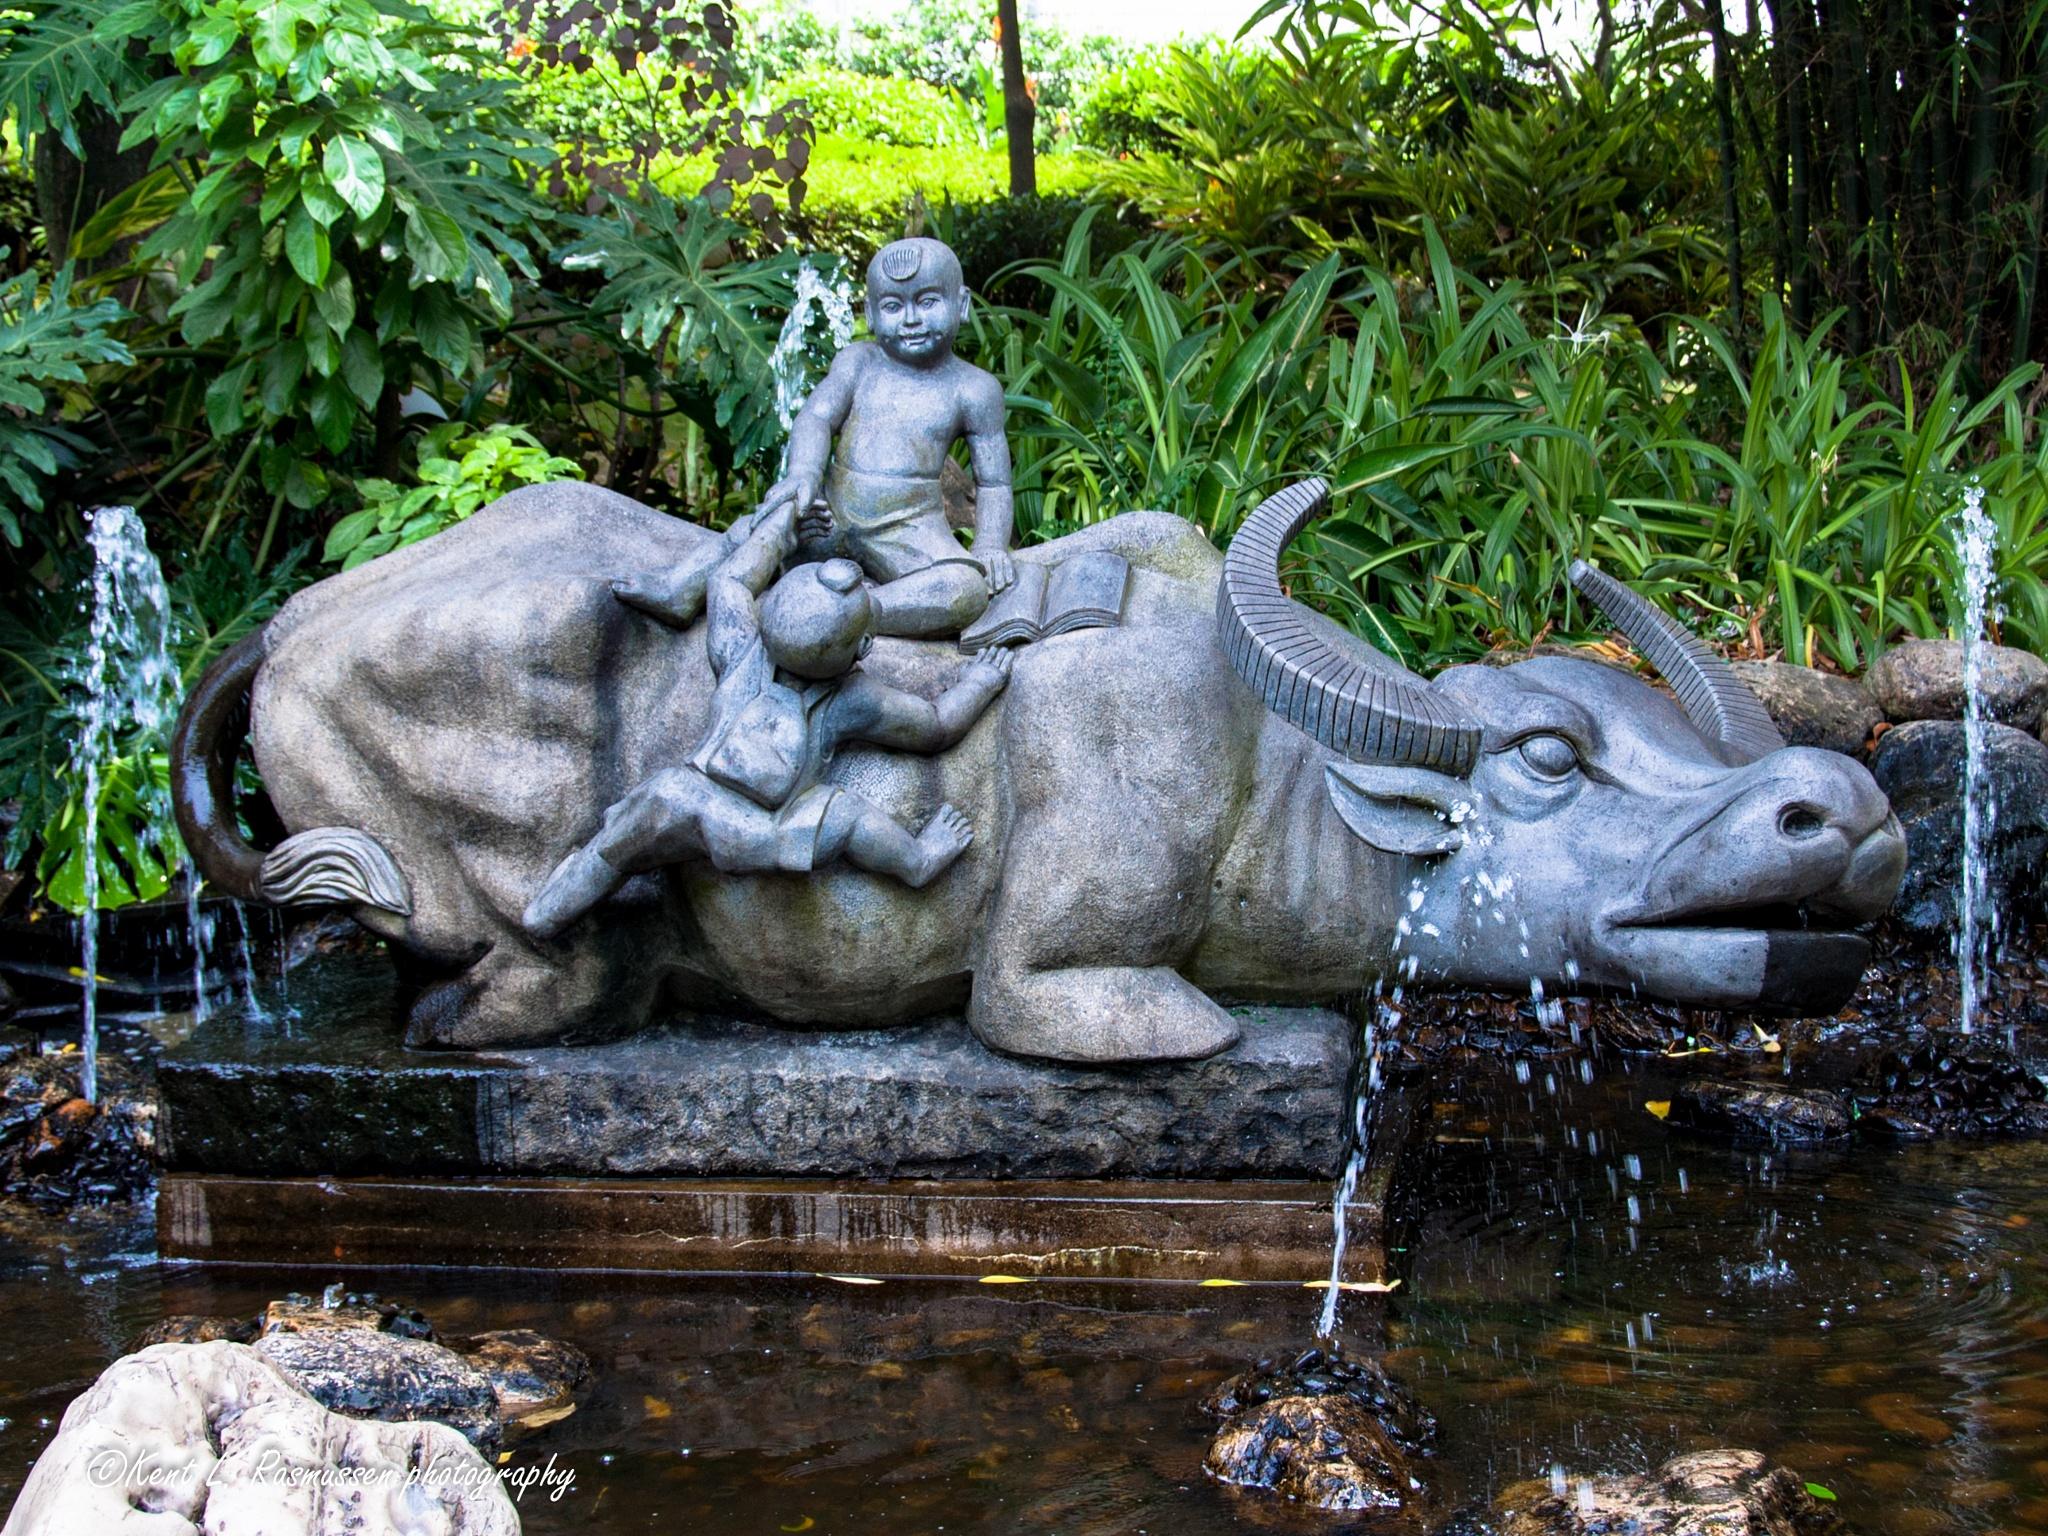 Water Buffalo fountain, Xiamen China by Kent L. Rasmussen